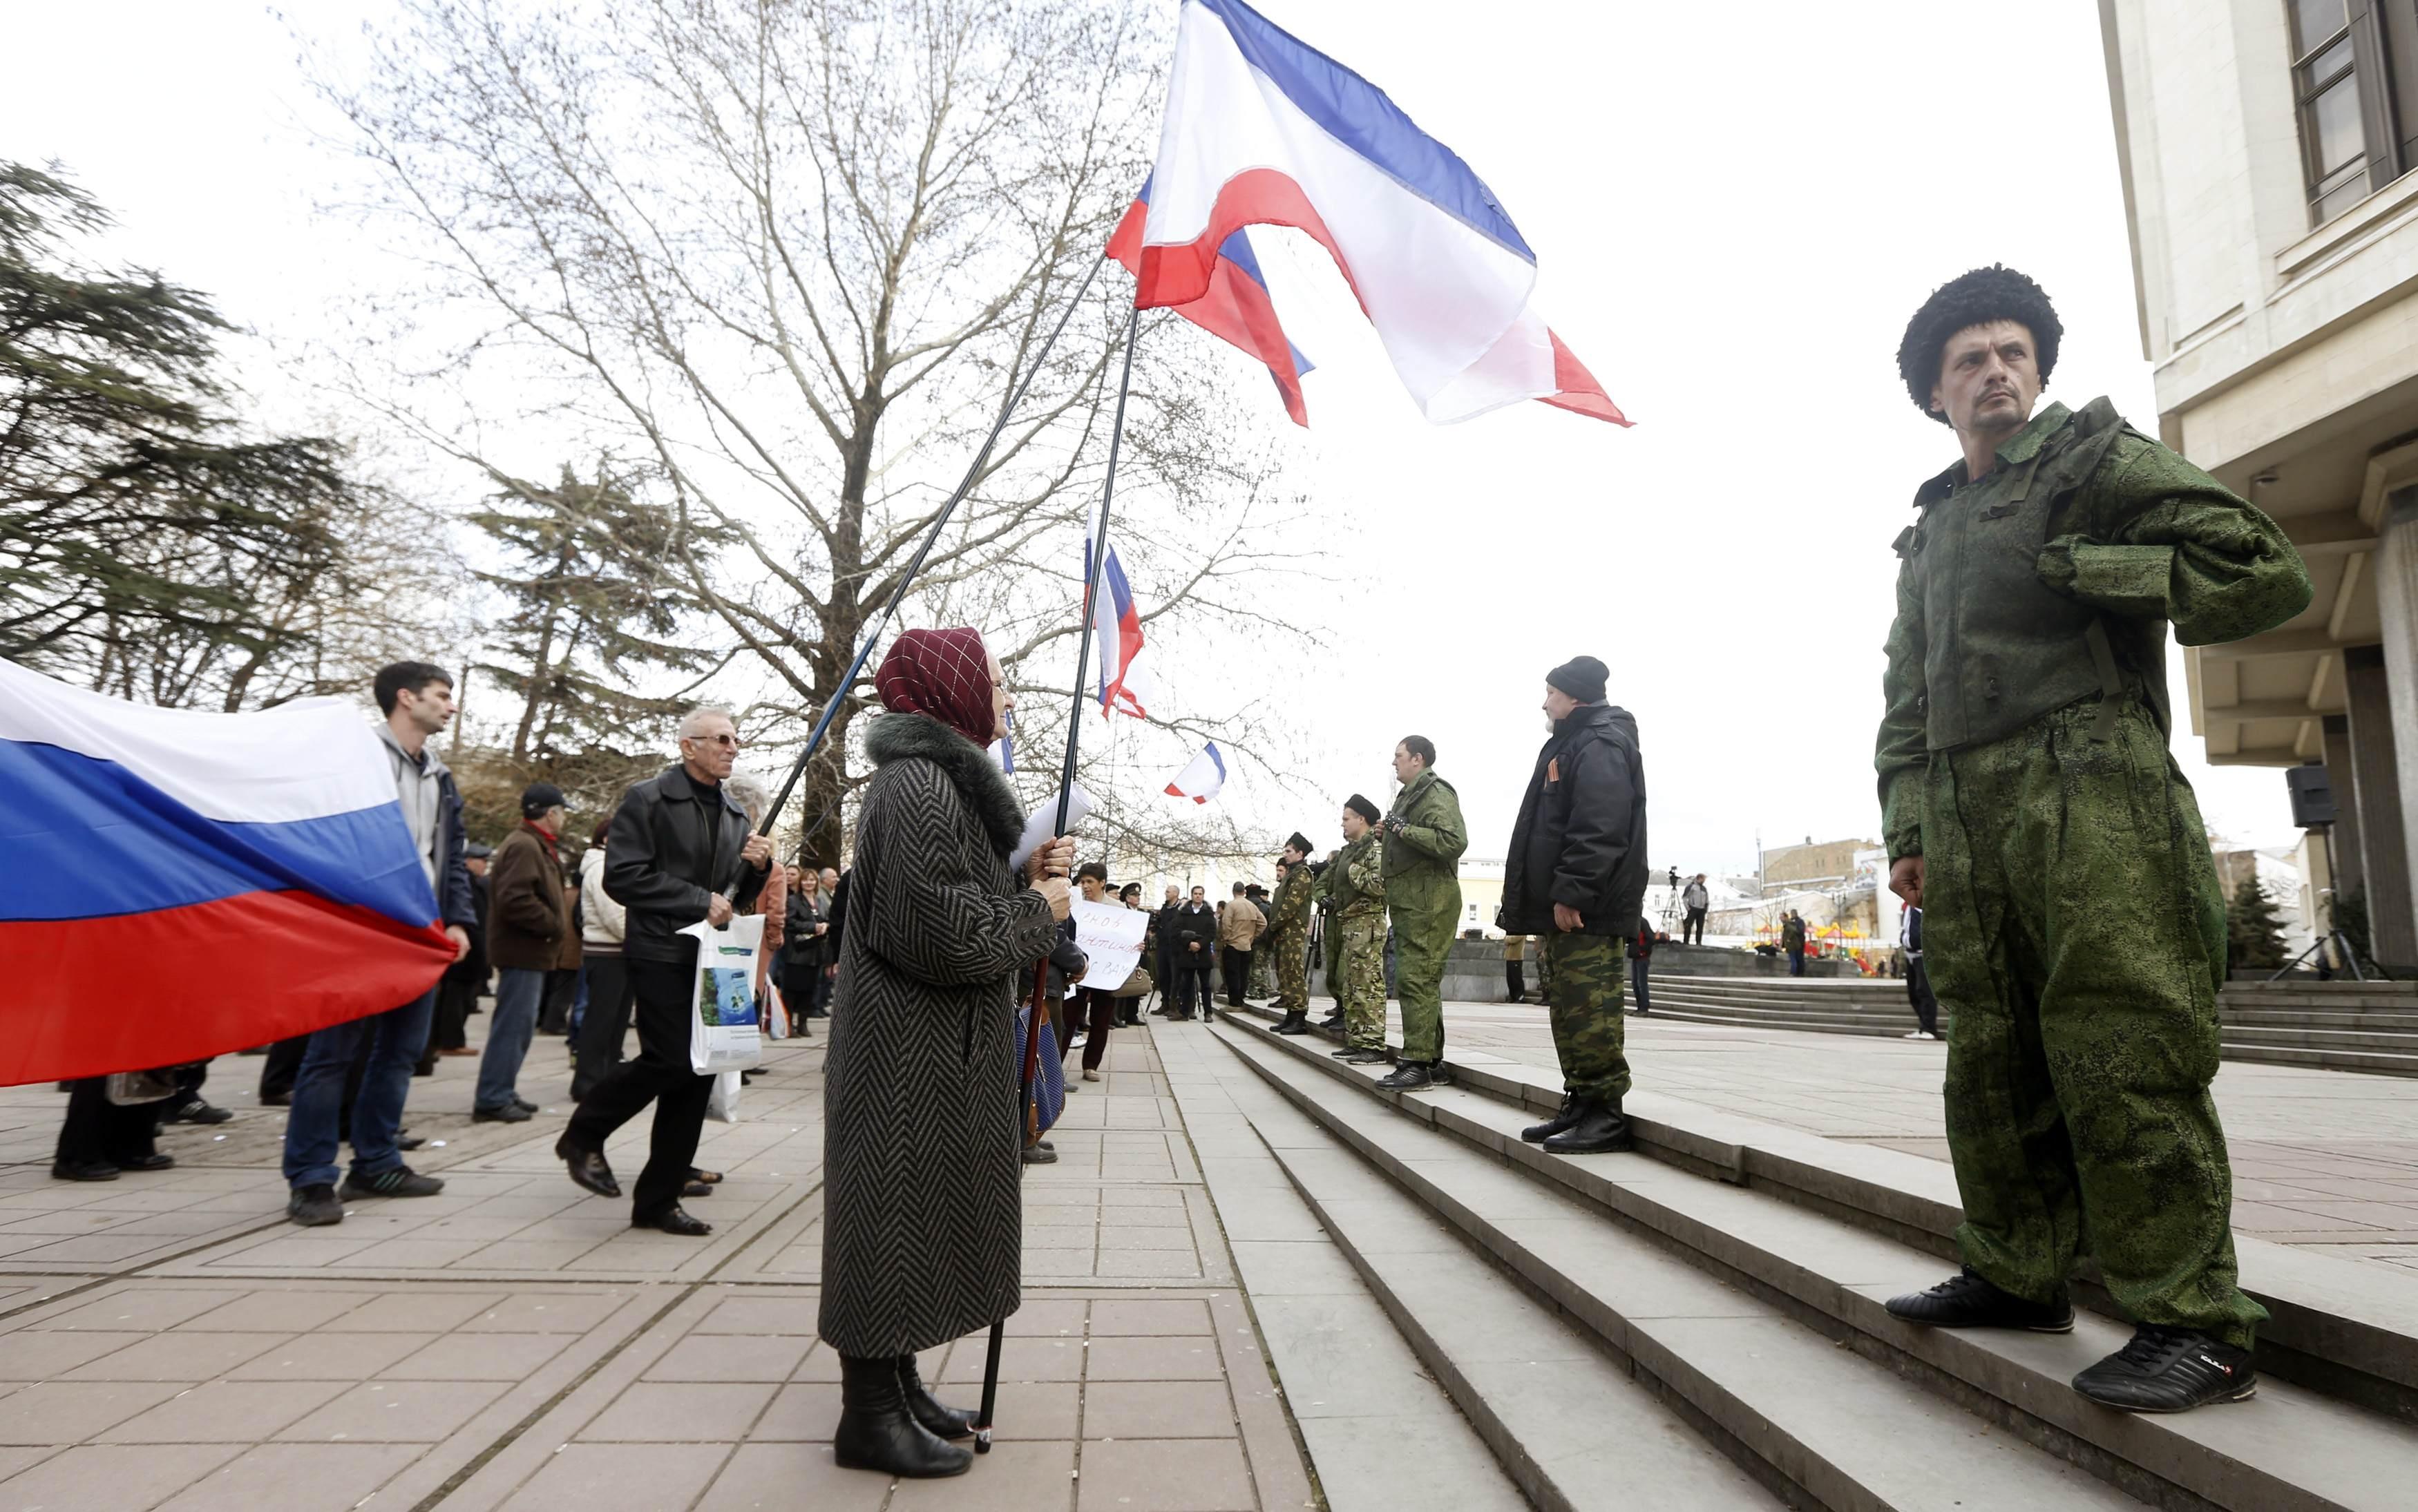 Мітинг проросійських сил та озброєні бойовики,